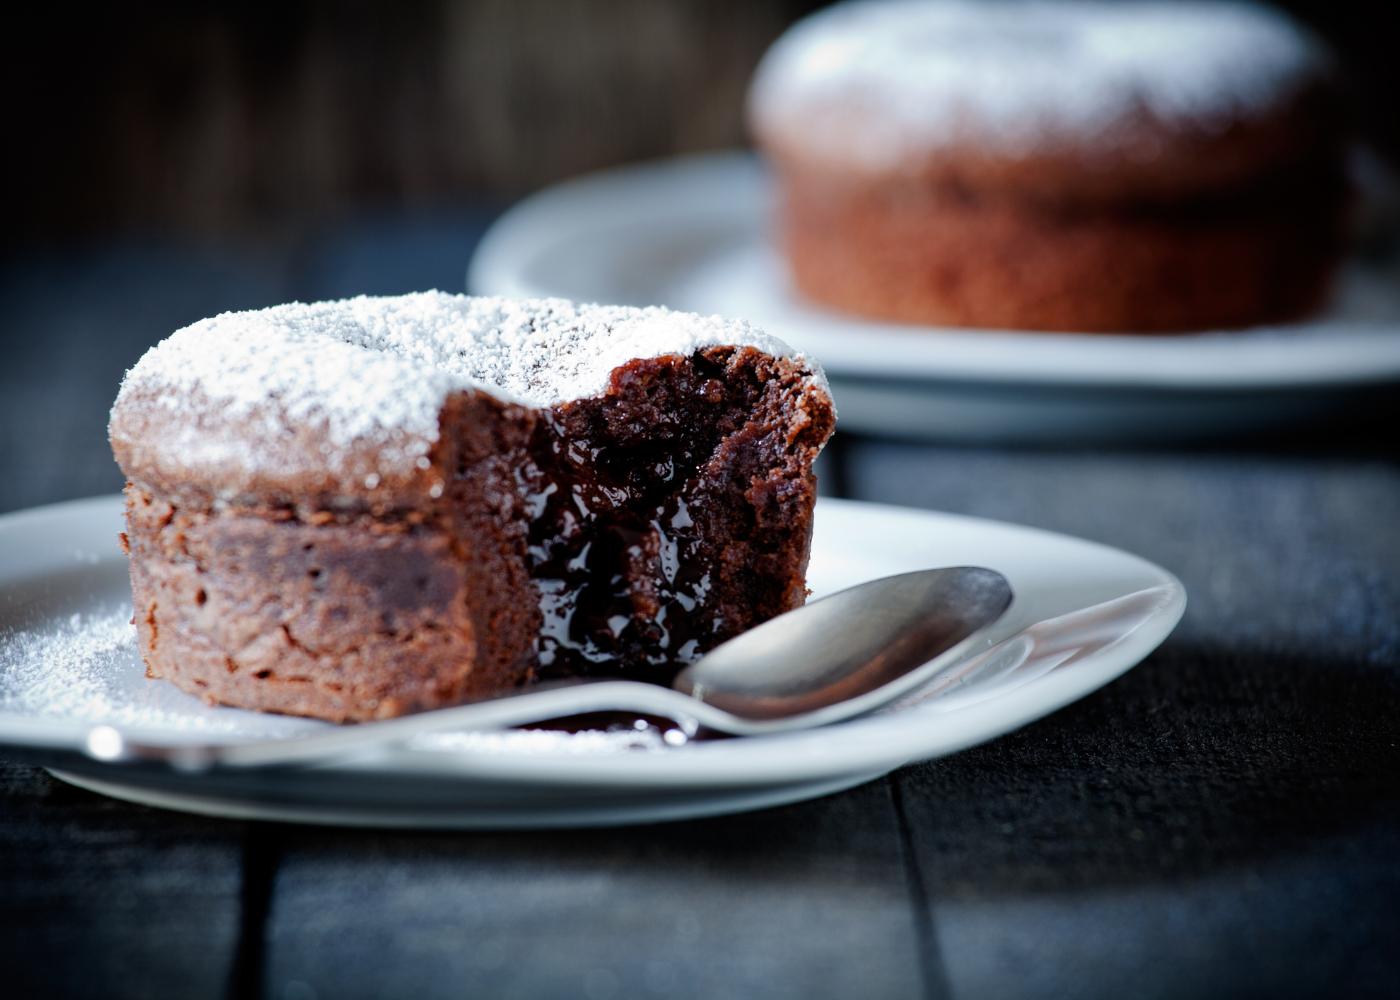 receitas de bolo de chocolate proteico simplesmente irresistiveis